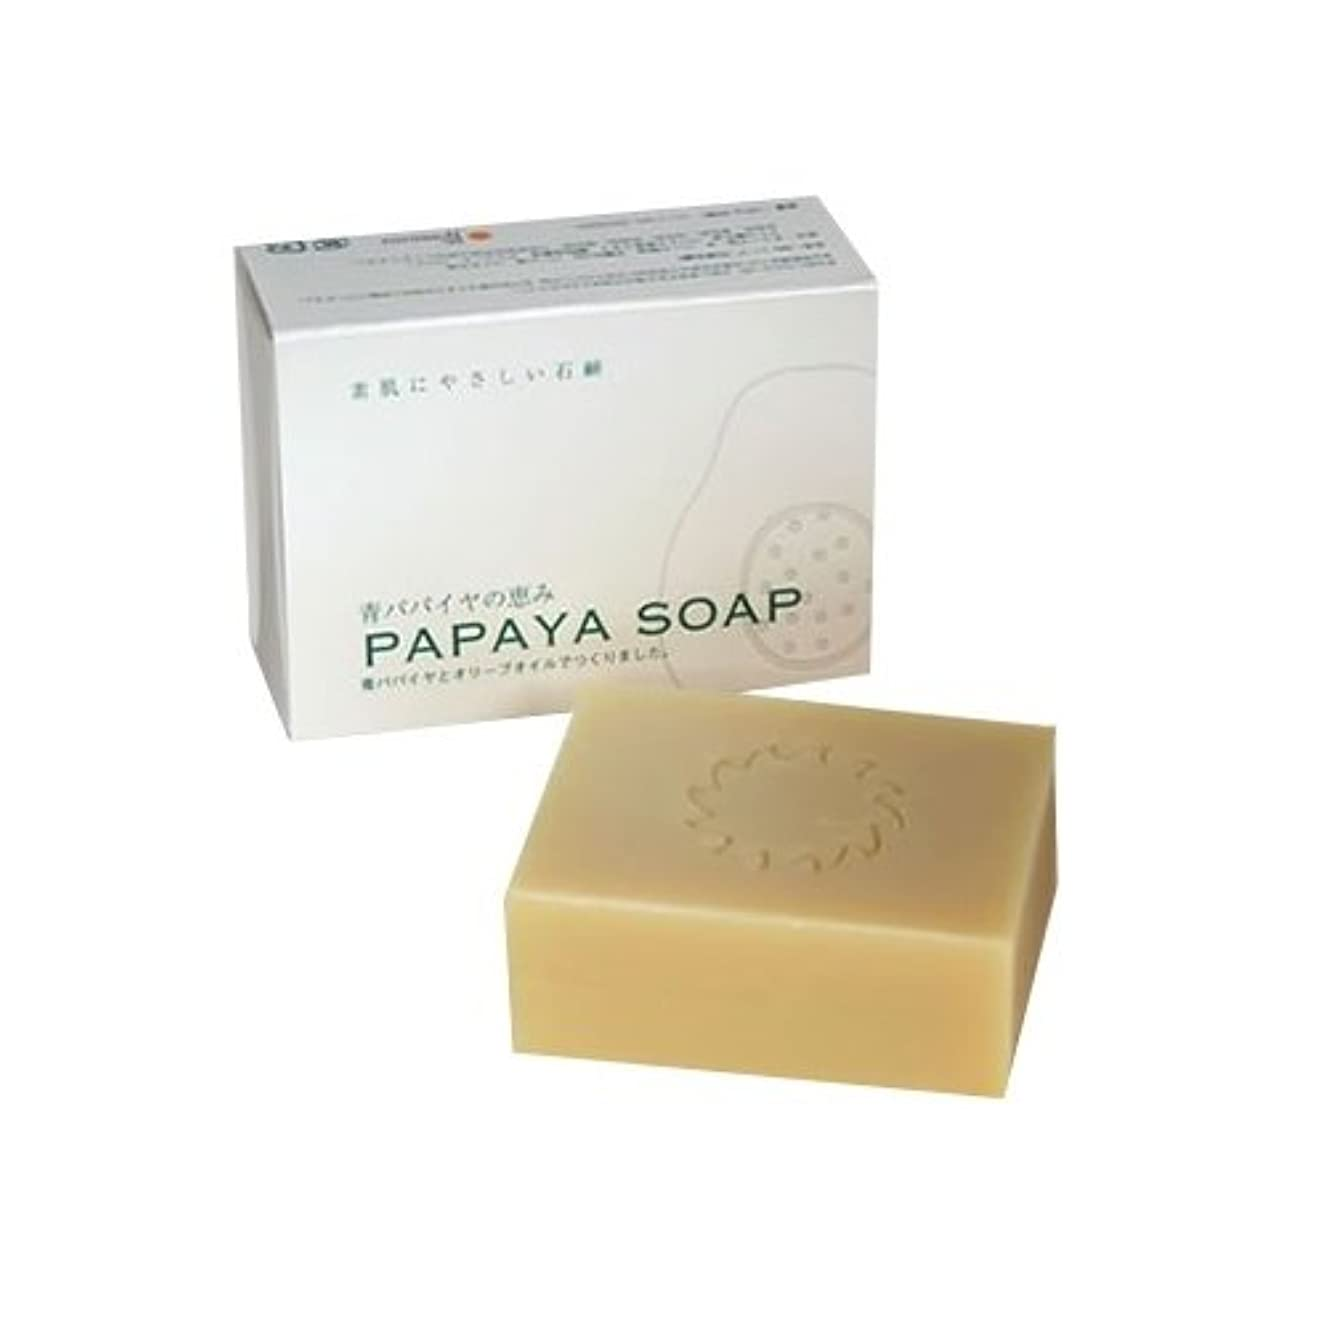 シャワーアリスコントロール青パパイヤの恵み PAPAYA SOAP(パパイヤソープ) 100g